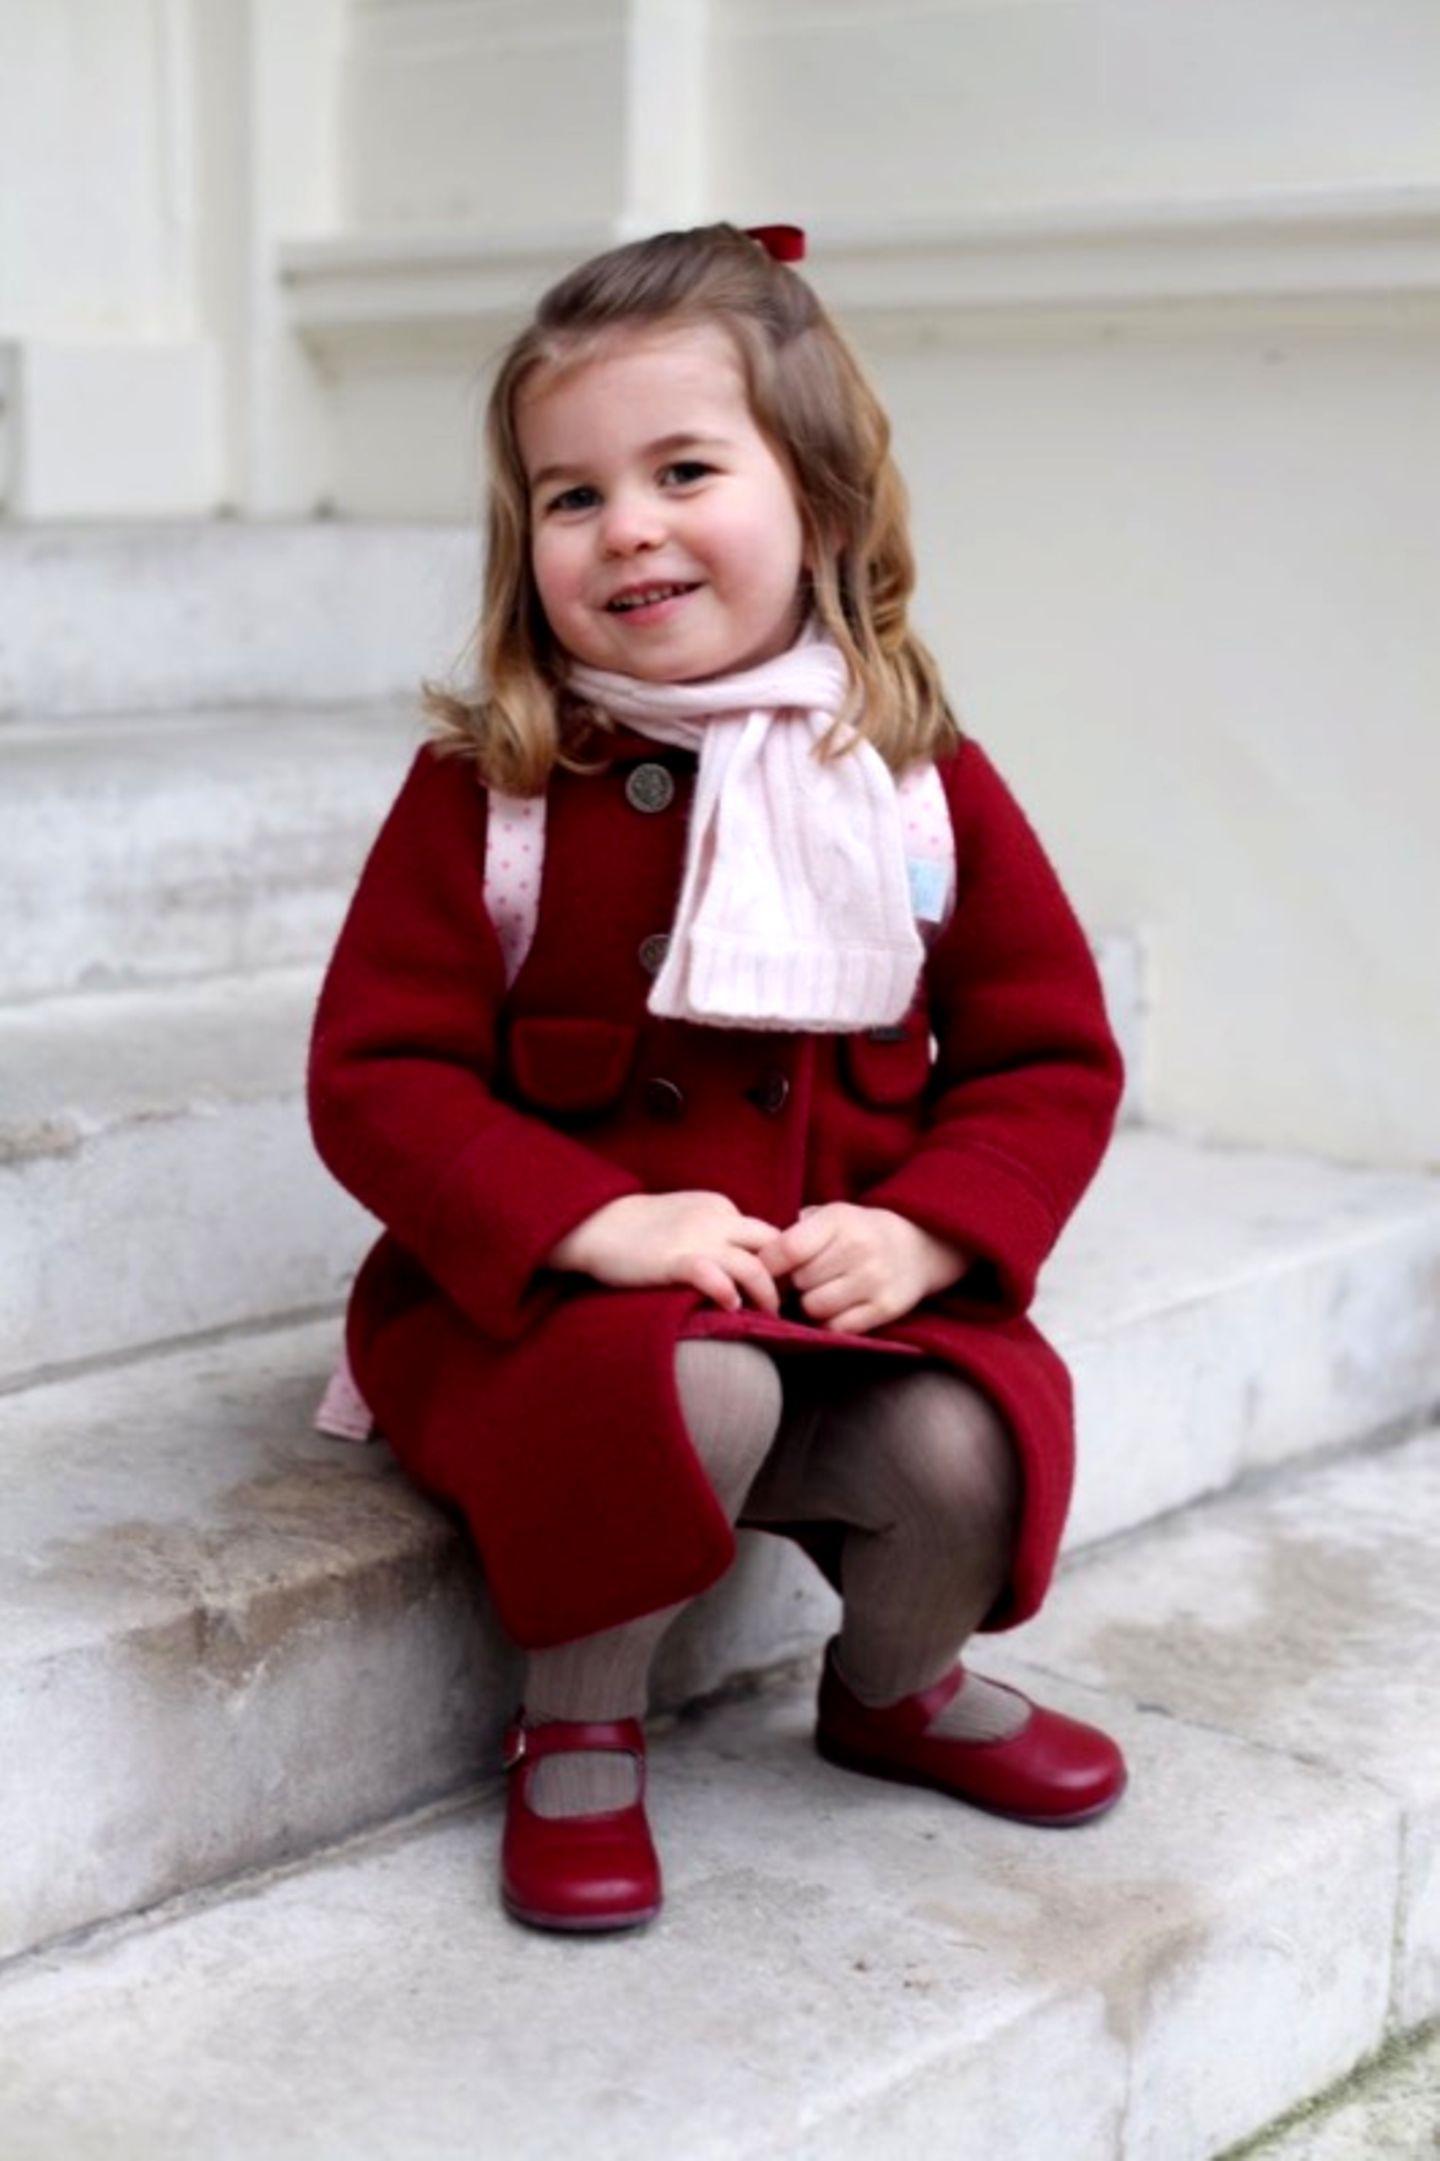 8. Januar 2018   Ein weiteres Foto der süßen Prinzessin Charlotte: Herzogin Catherine und Prinz William müssen sehr stolz ihr ihre Tochter sein.